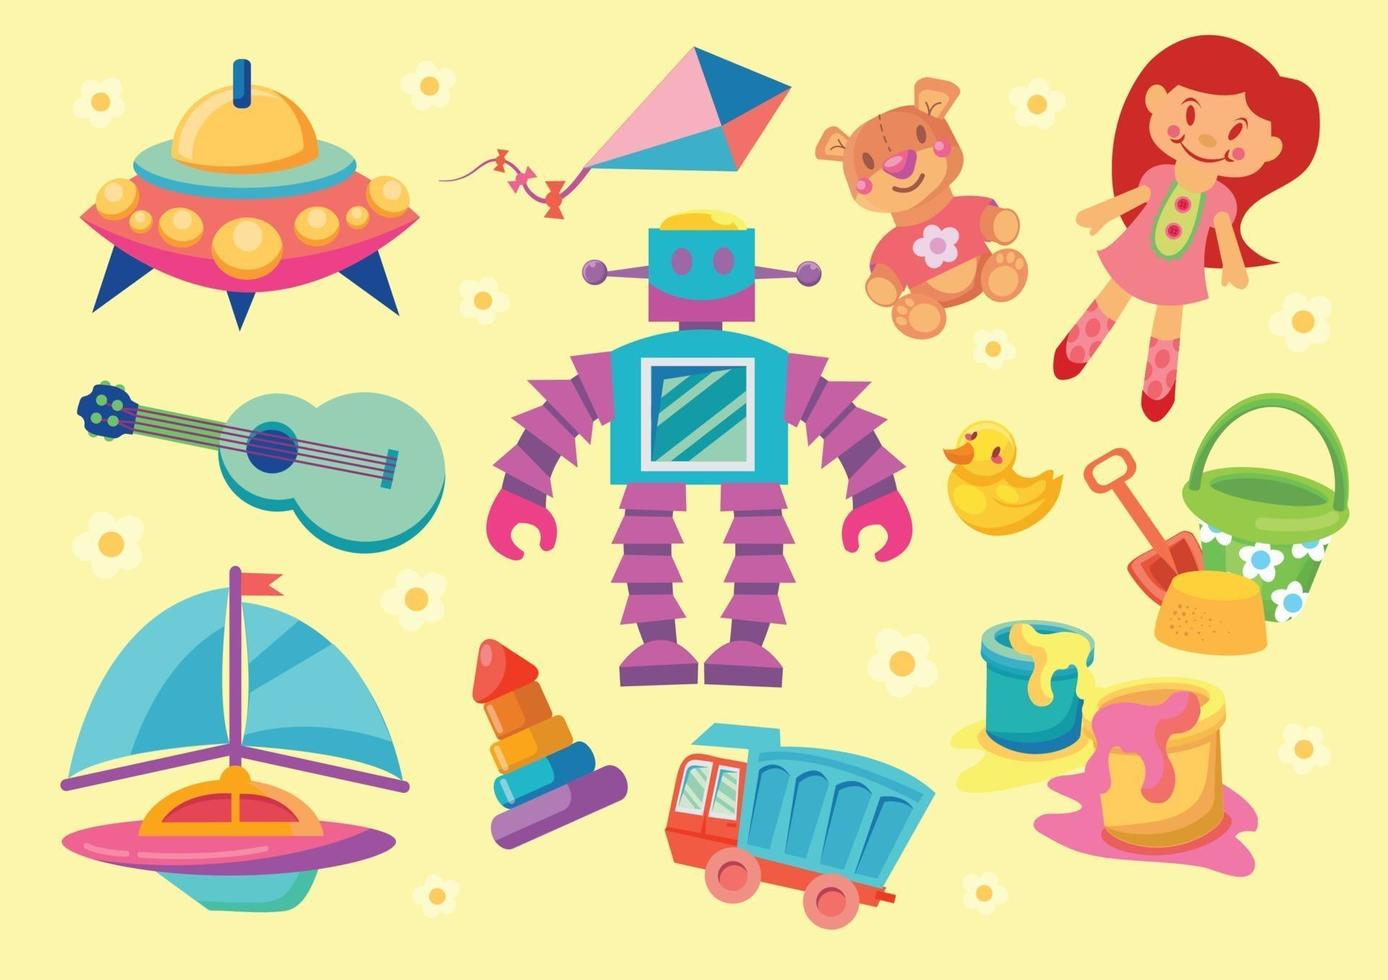 gioco per bambini e set di giocattoli vettore